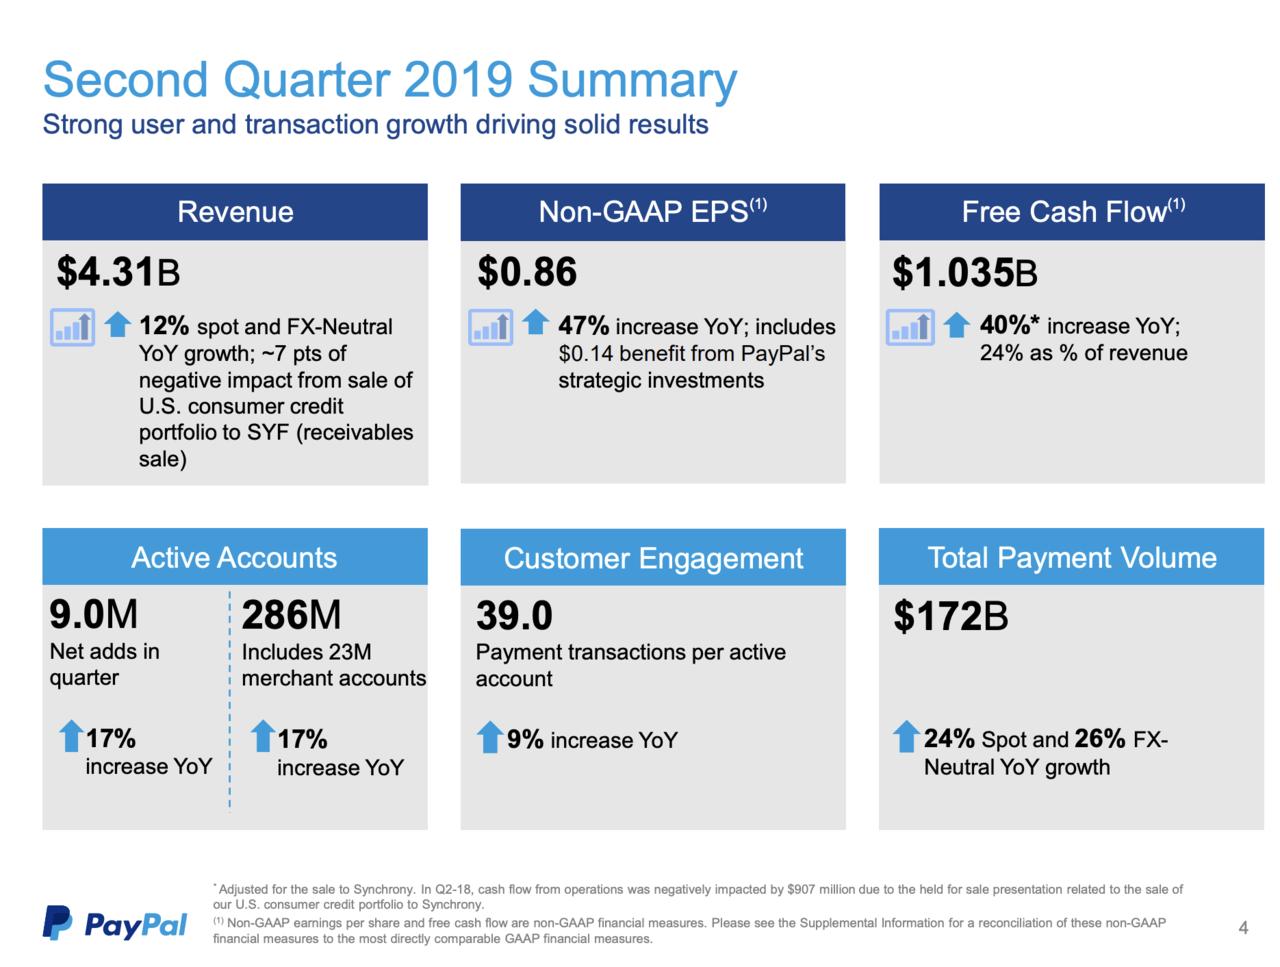 出典:PayPal Q2-19 Investor Update